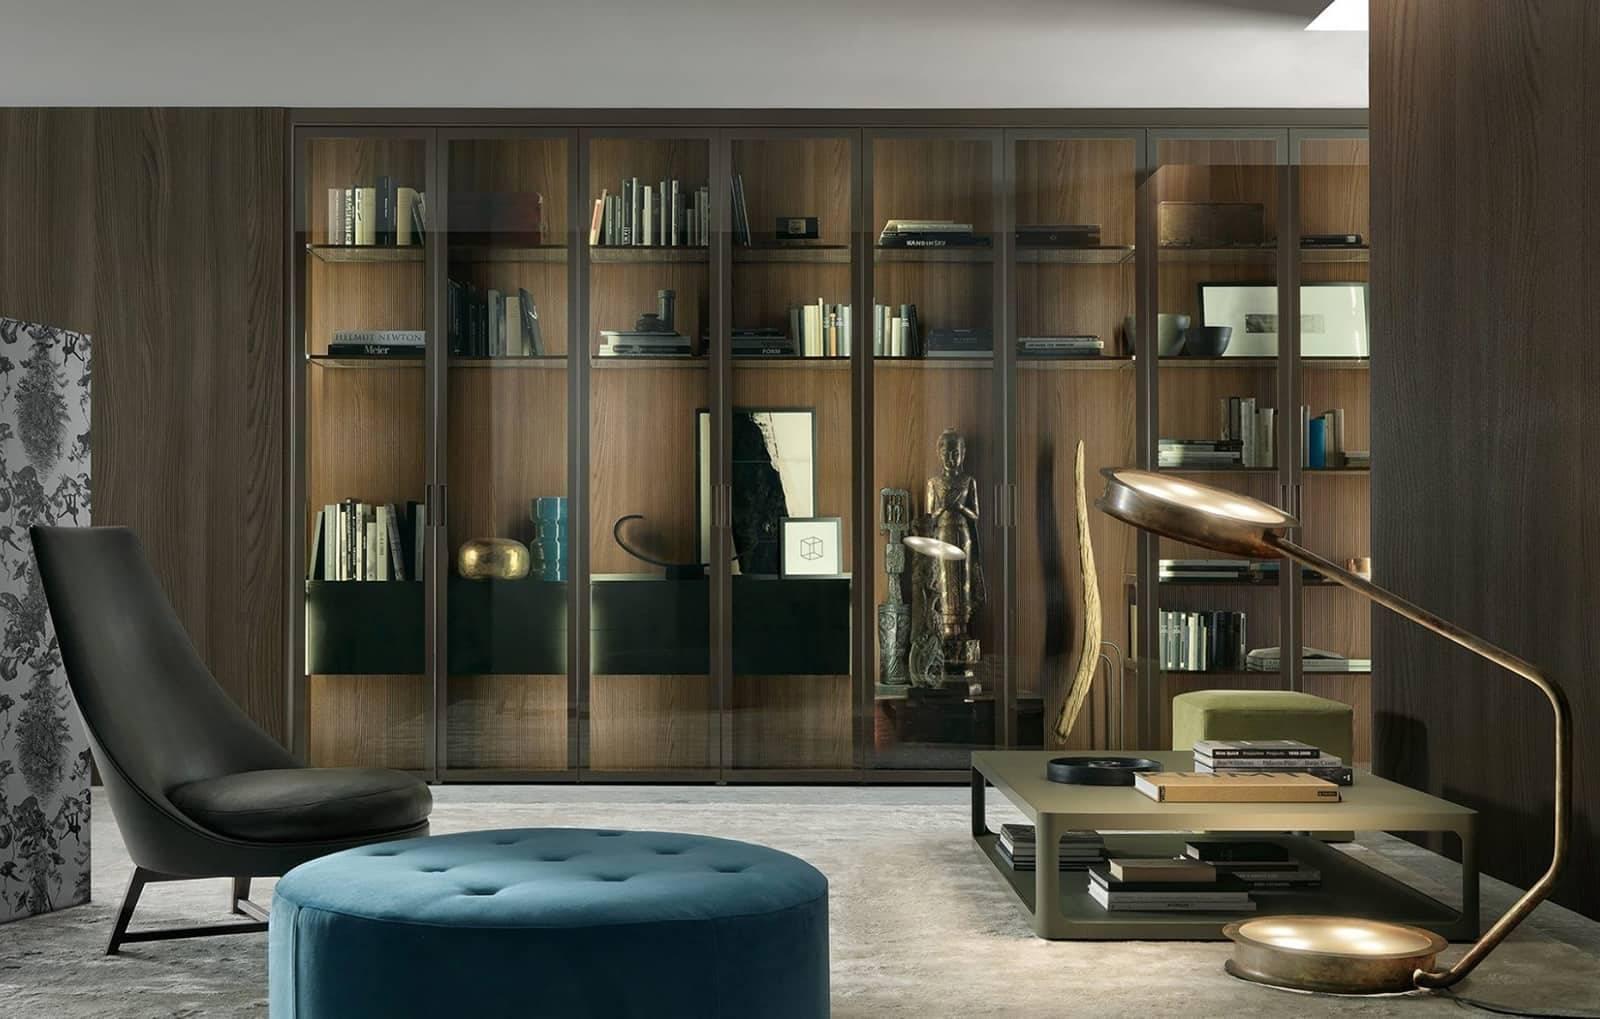 luxe vitrinekast met glazen deuren woonkamer en houten ladeblokken rimadesio cover Italiaans design amsterdam